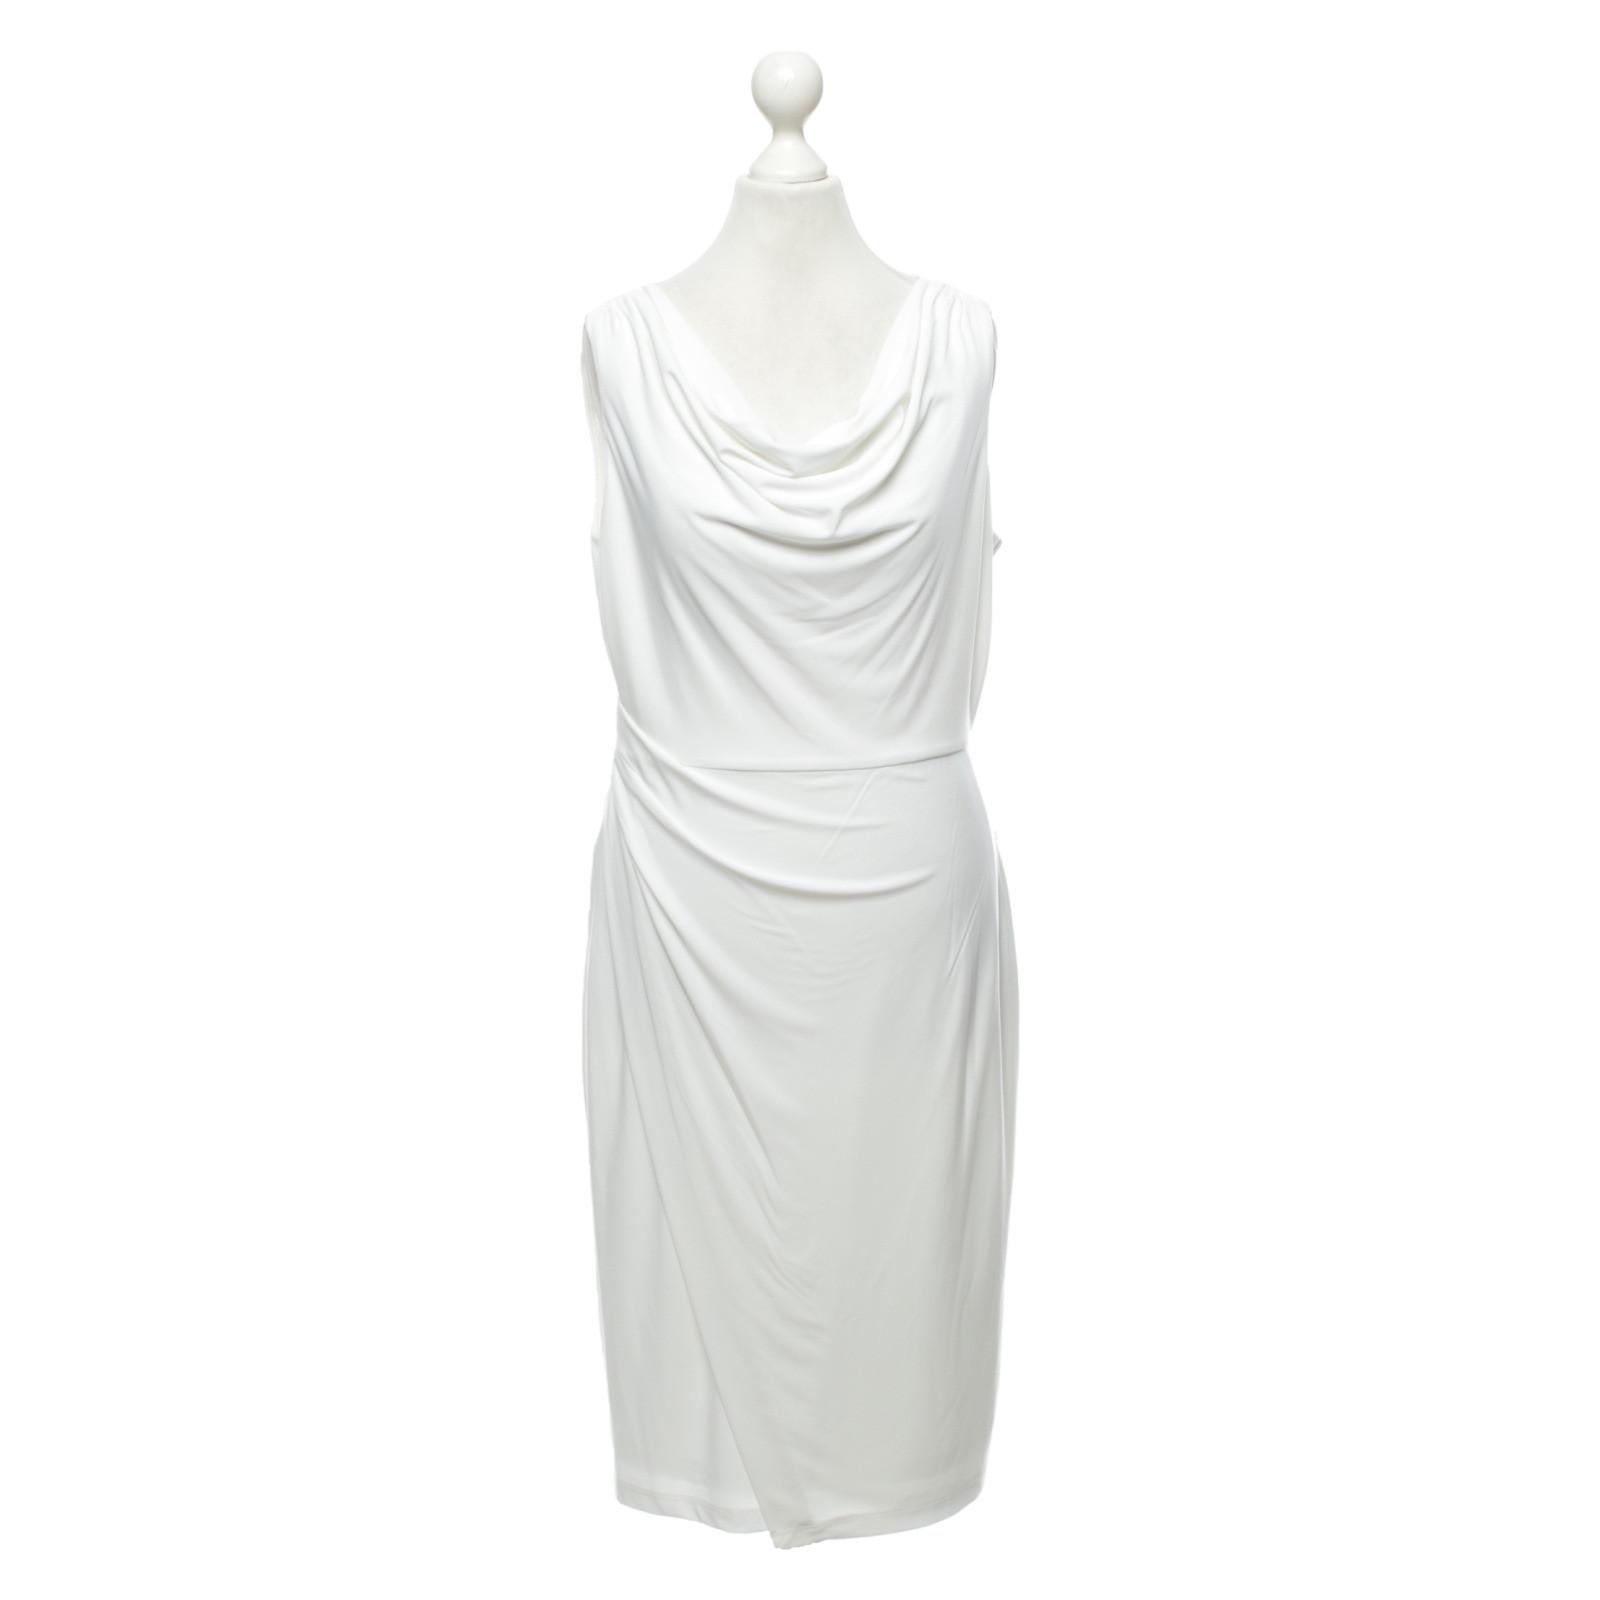 dkny kleid aus jersey in weiß - second hand dkny kleid aus